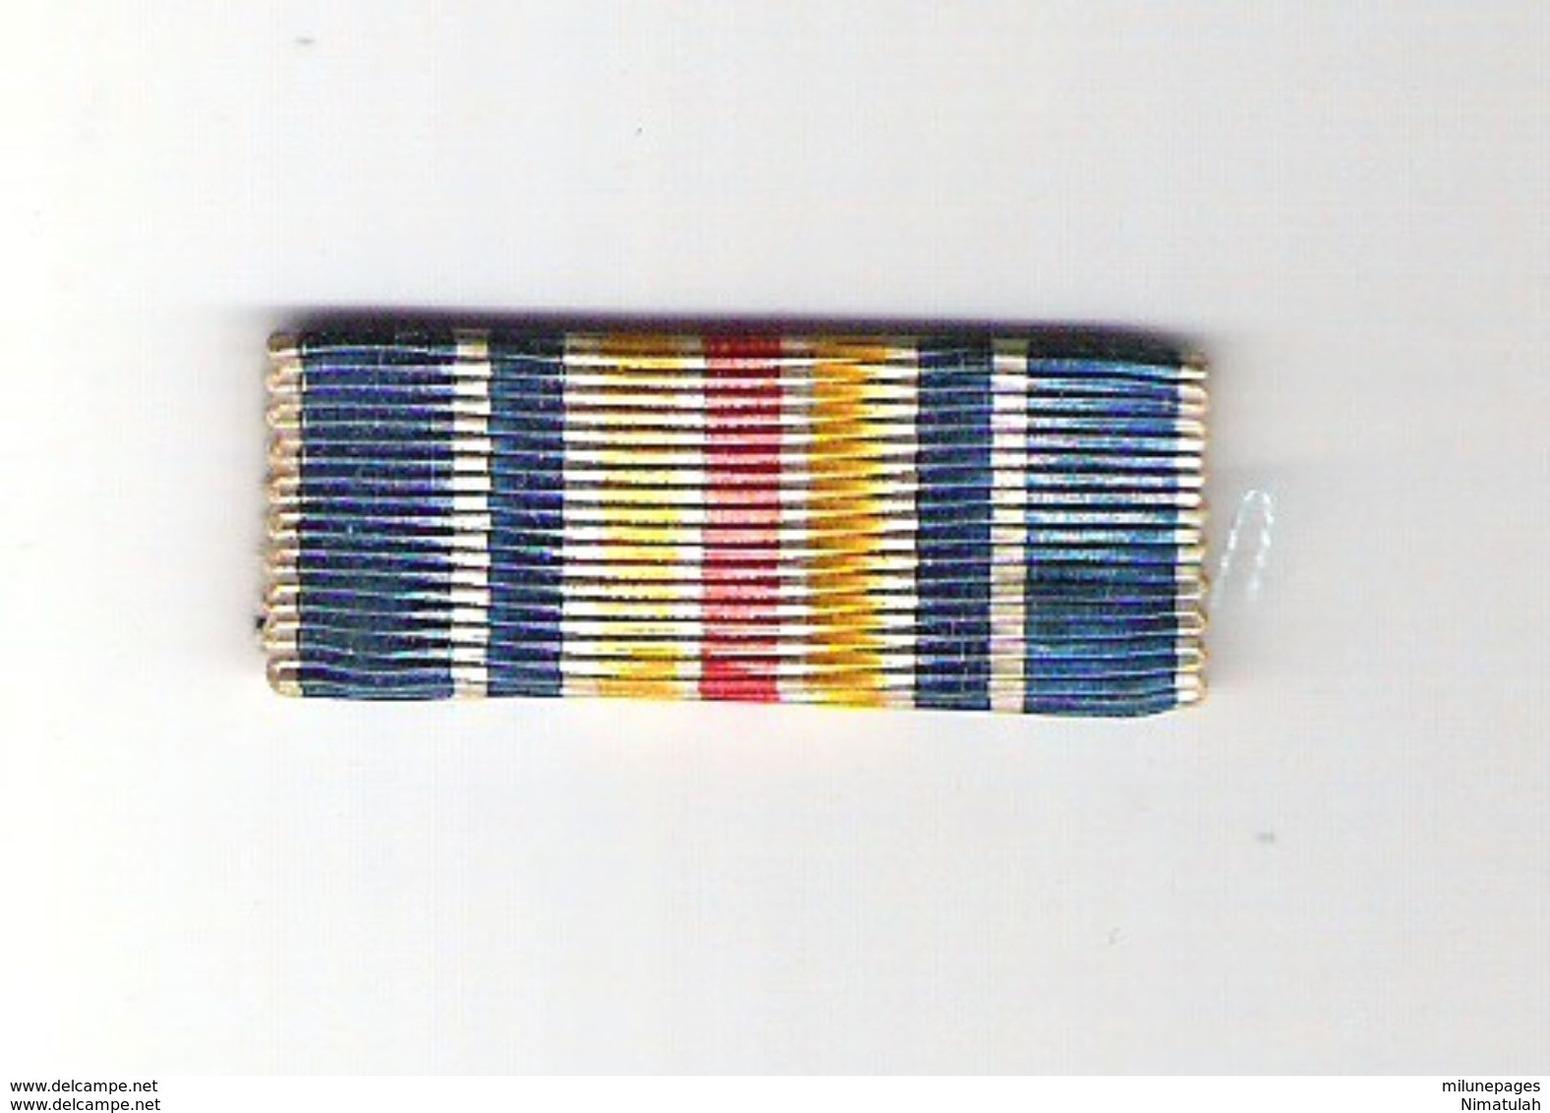 France - Medal Of The War Wounded 1914-1918---France - Médaille Des Blessés De Guerre 1914-1918 - France